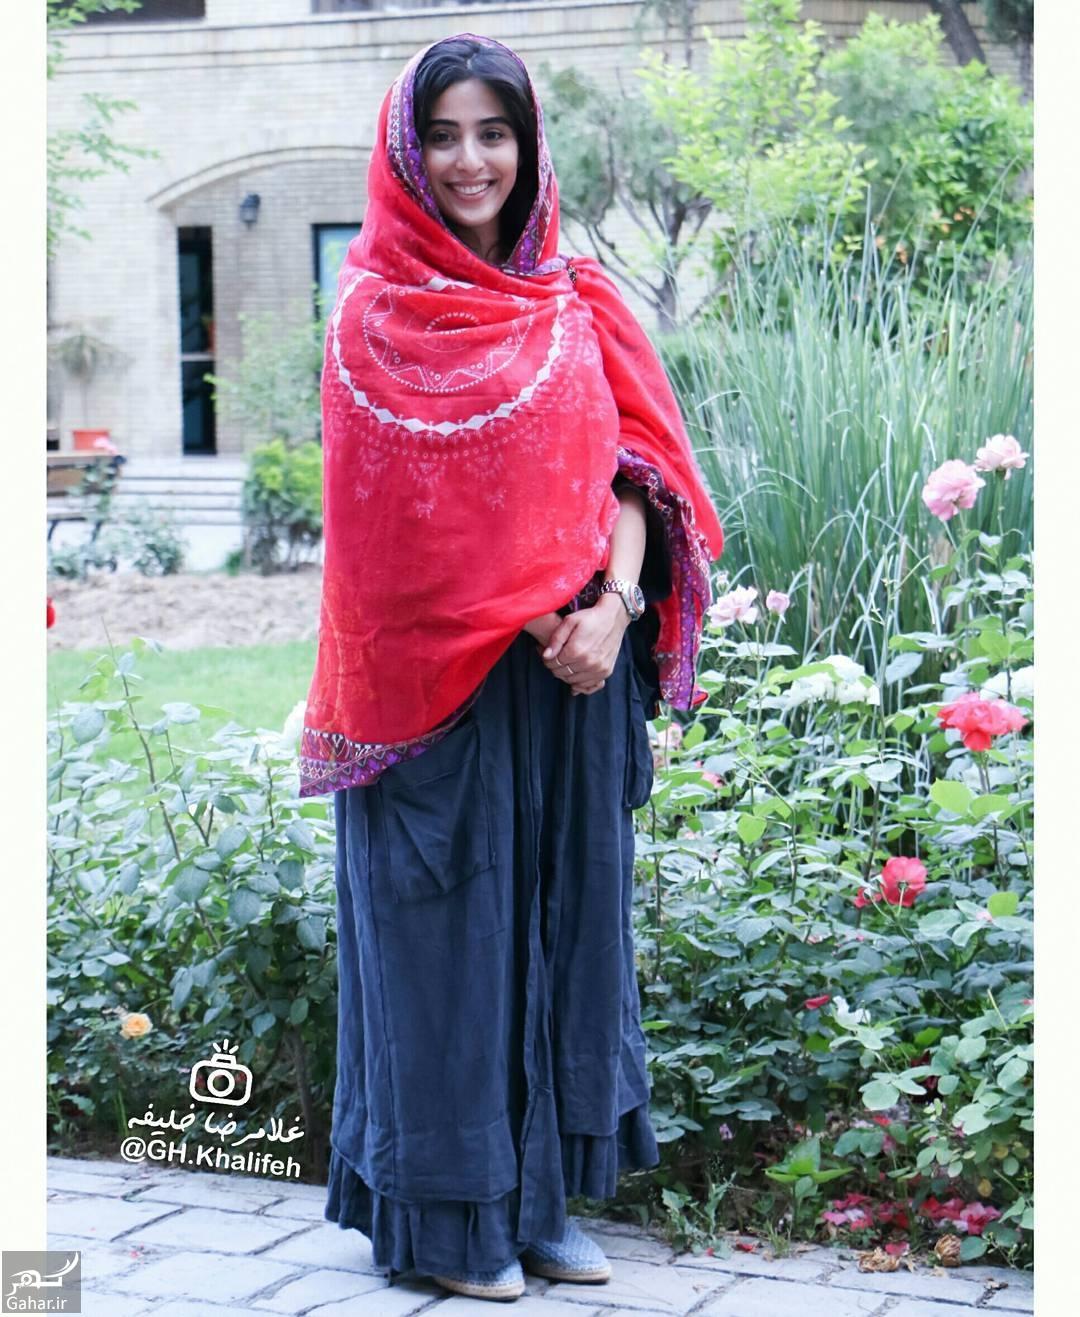 505915 Gahar ir عکس های آناهیتا افشار با لباس هندی در مراسم رونمایی از پوستر «ویلایی ها»